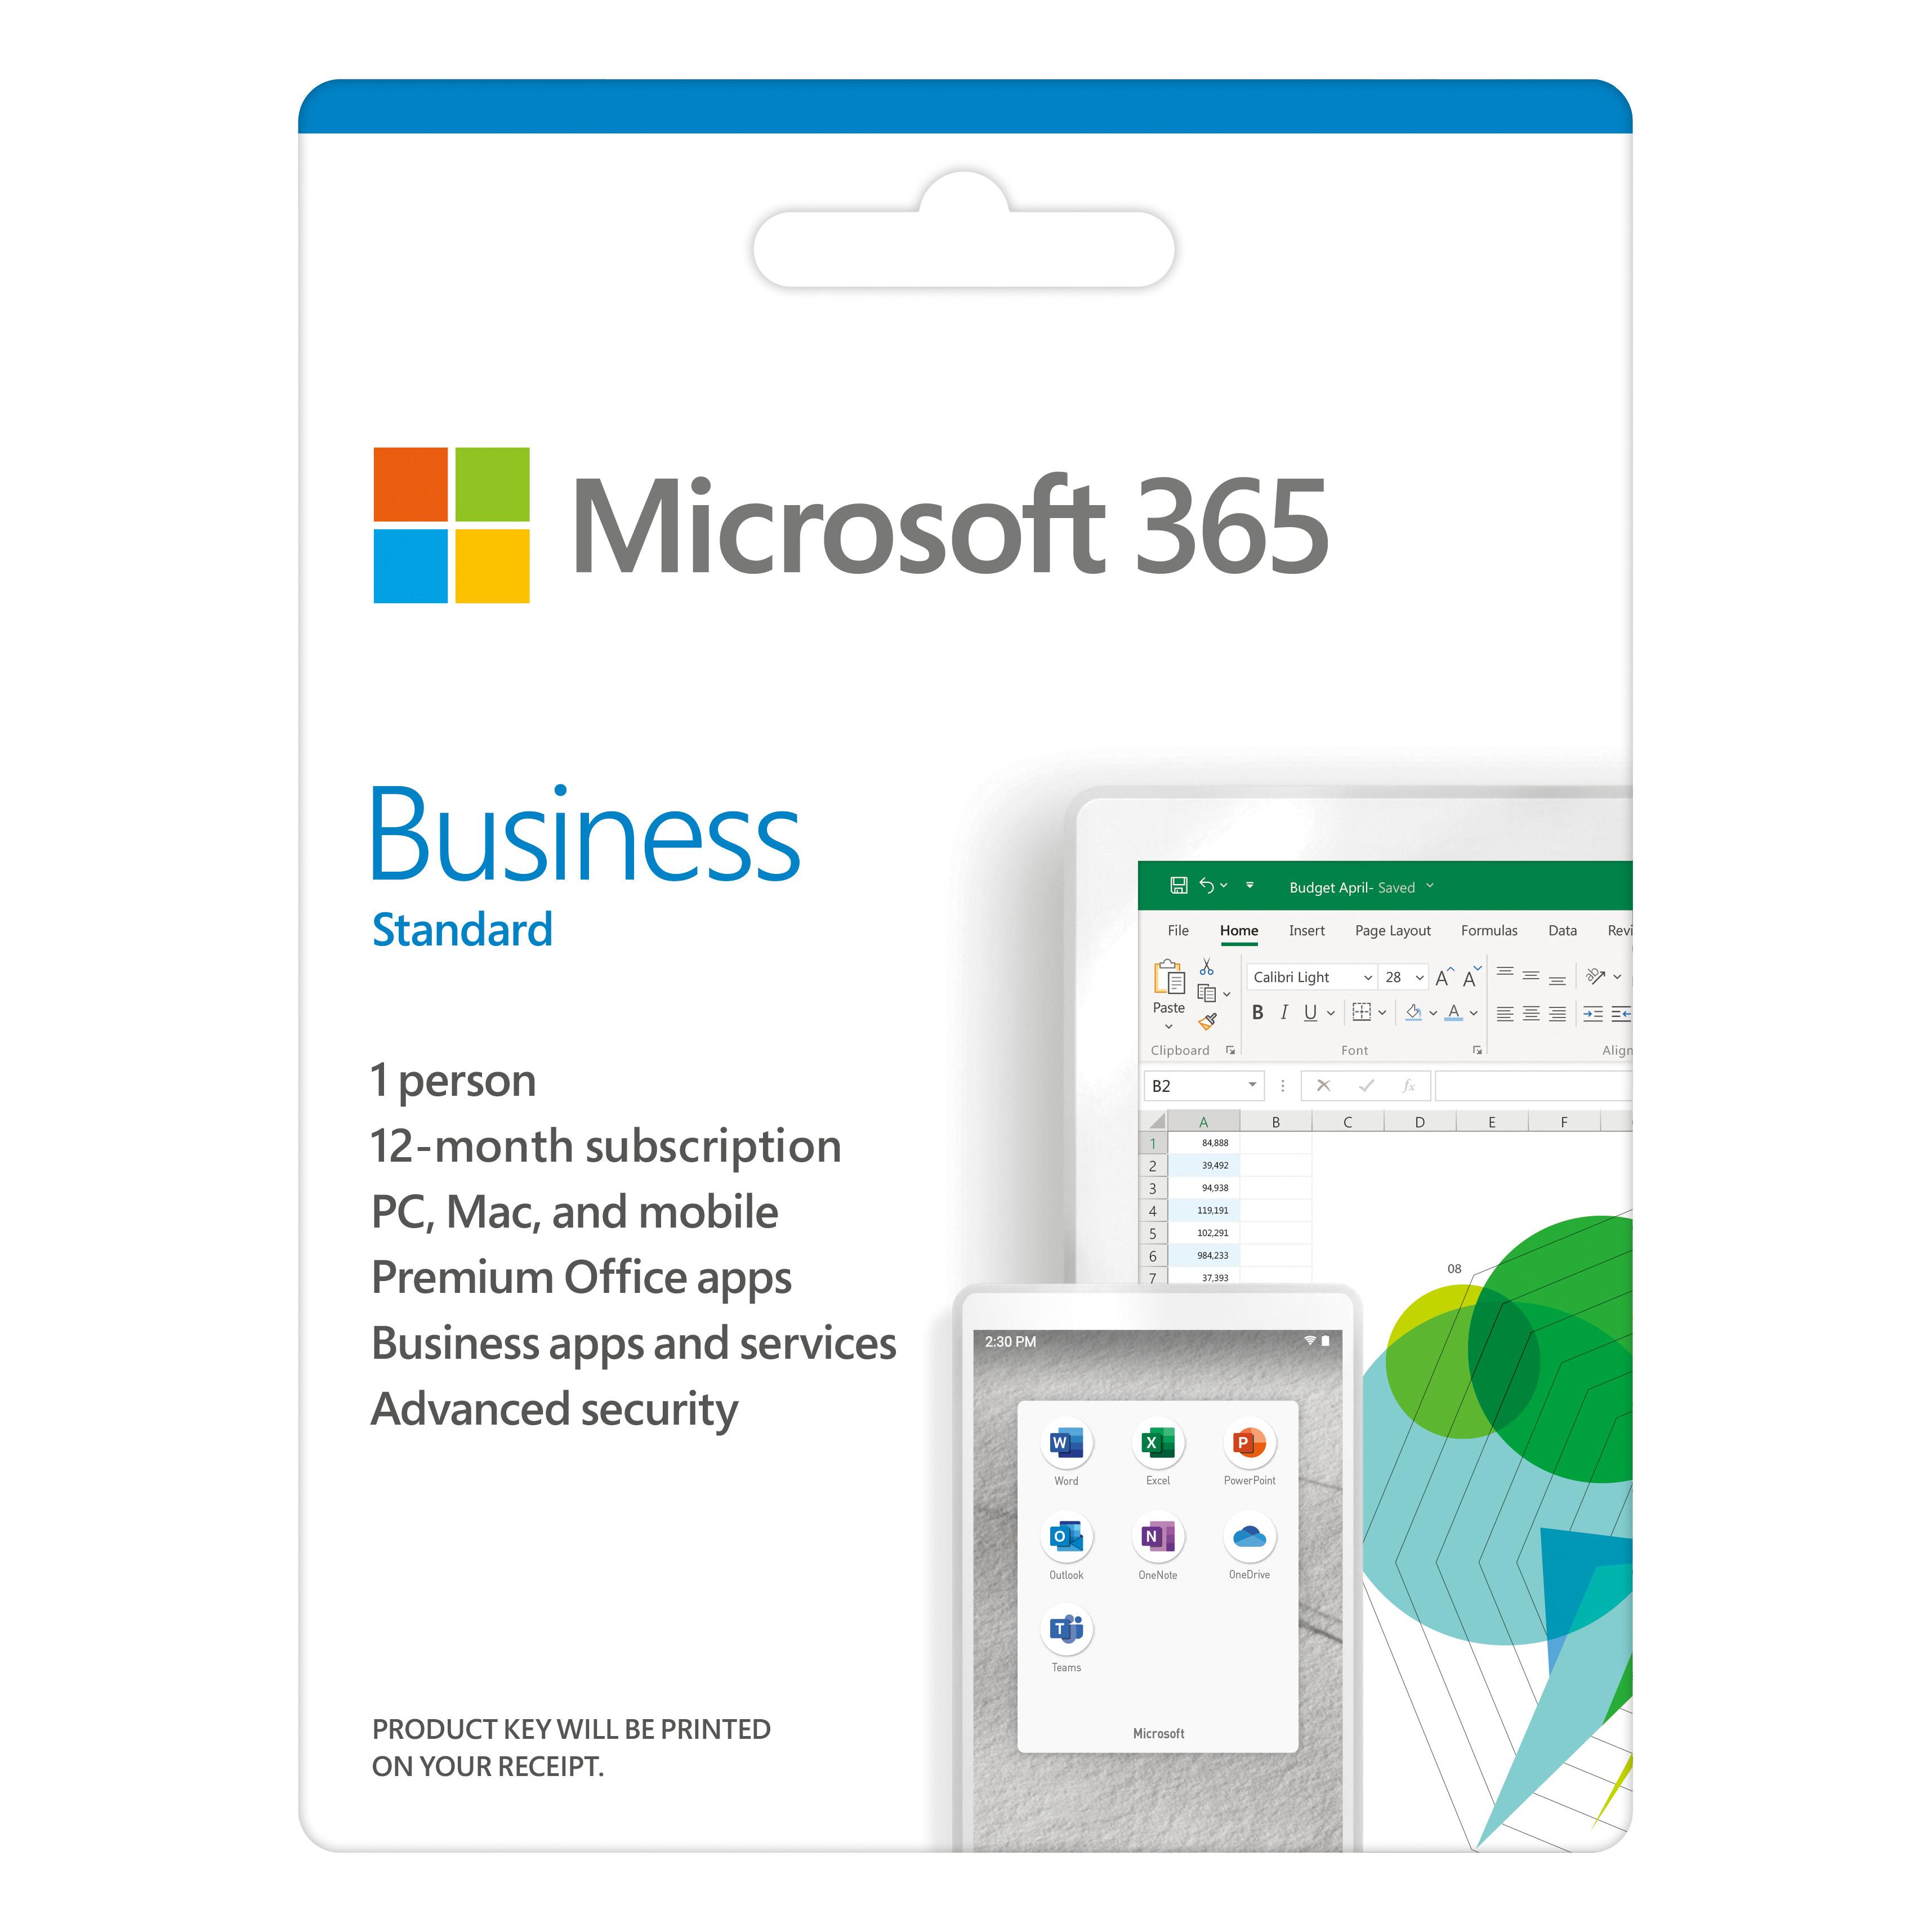 Phần mềm Microsoft 365 Bus Std Retail English APAC EM Subscr 1YR Mdls P6 (KLQ-00454) - Hàng Chính Hãng